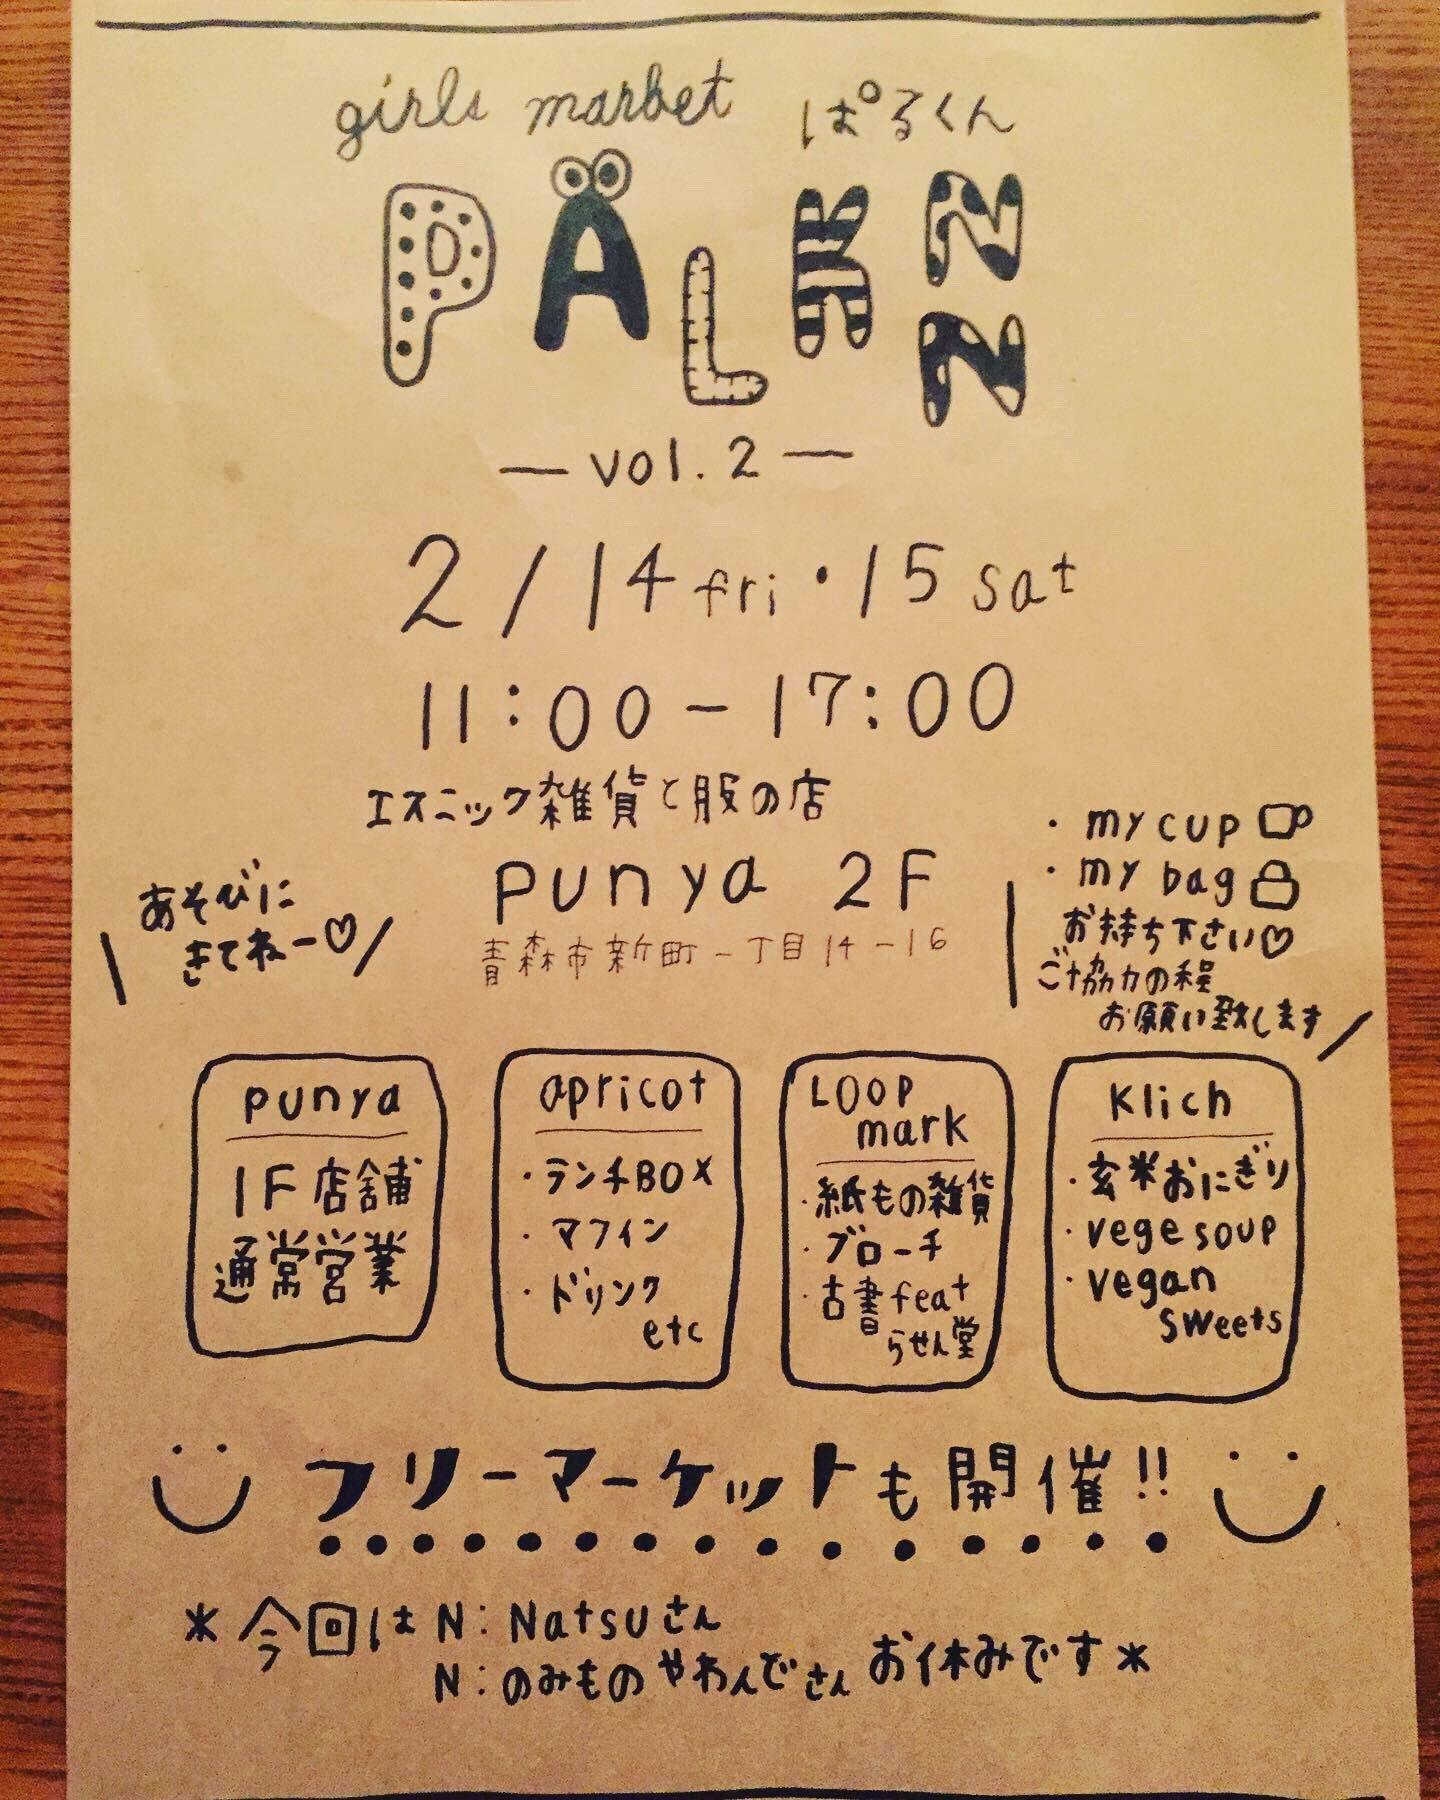 PALKNN vol.2 フライヤー_f0228652_23093242.jpeg